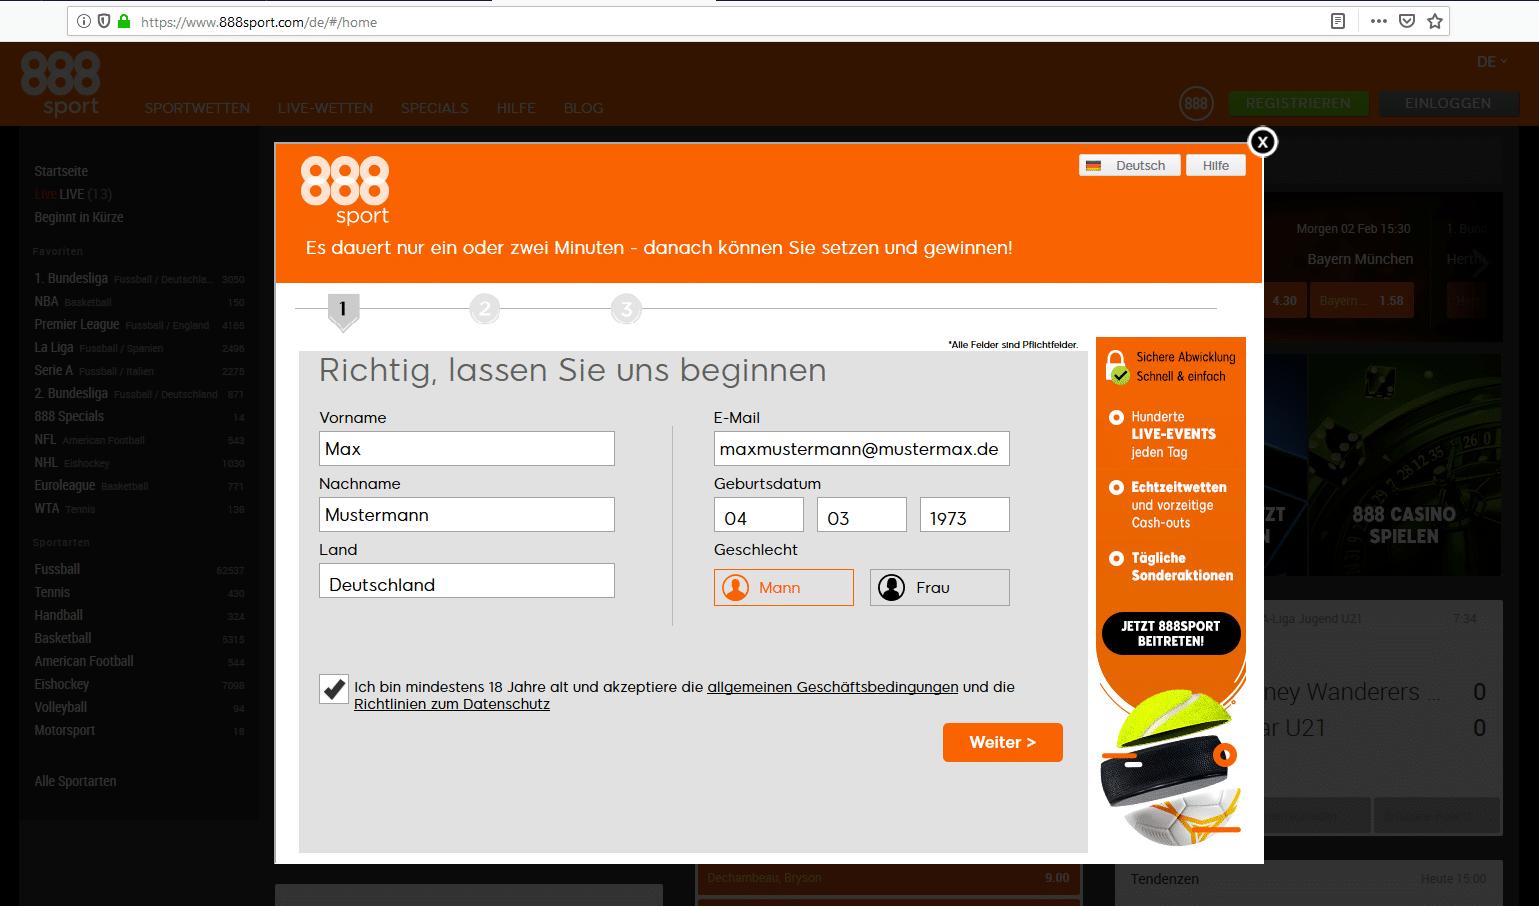 Registrierungsformular bei 888sport